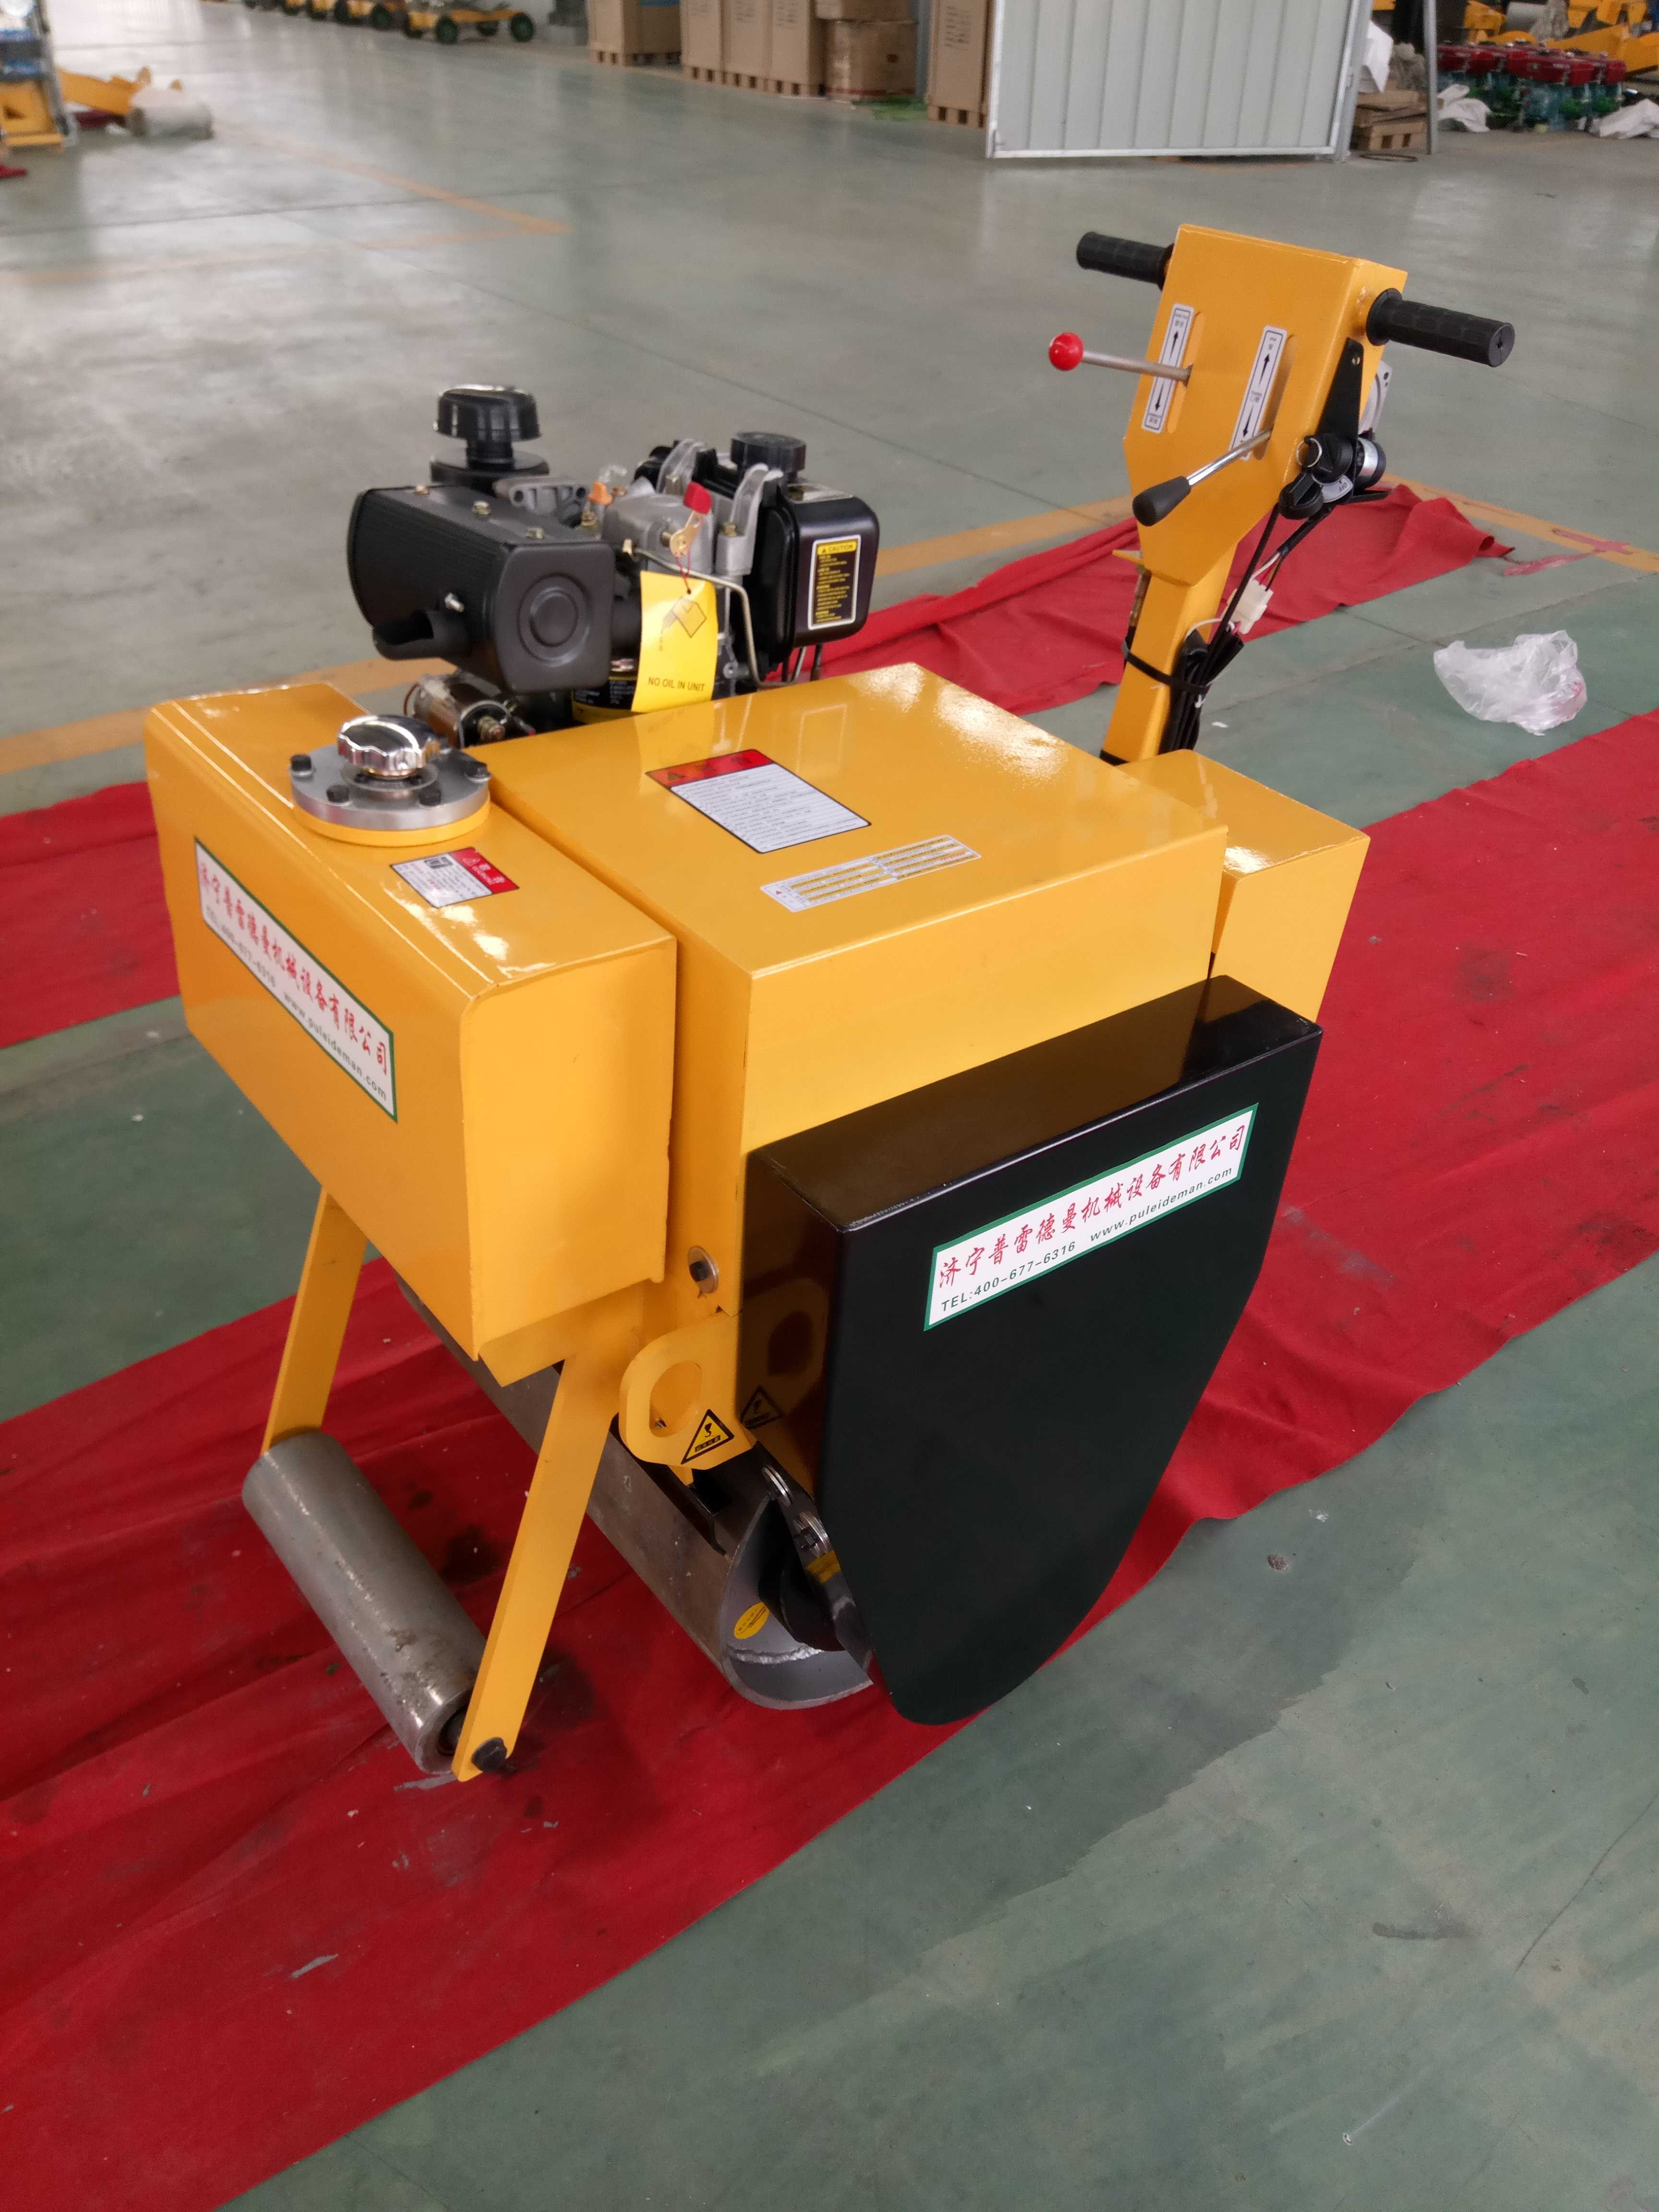 小型汽油压路机    小型汽油压路机的价格    手扶式汽油压路机图片